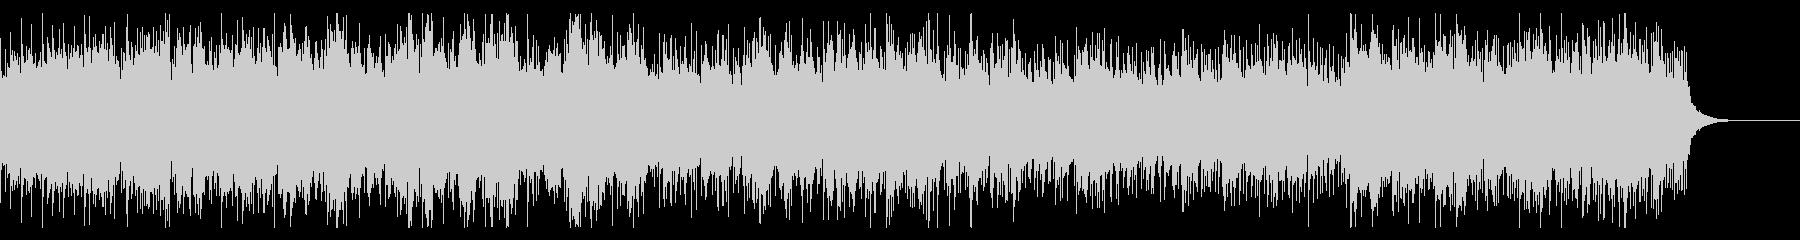 ヴァルキリープロファイル系戦闘曲の未再生の波形